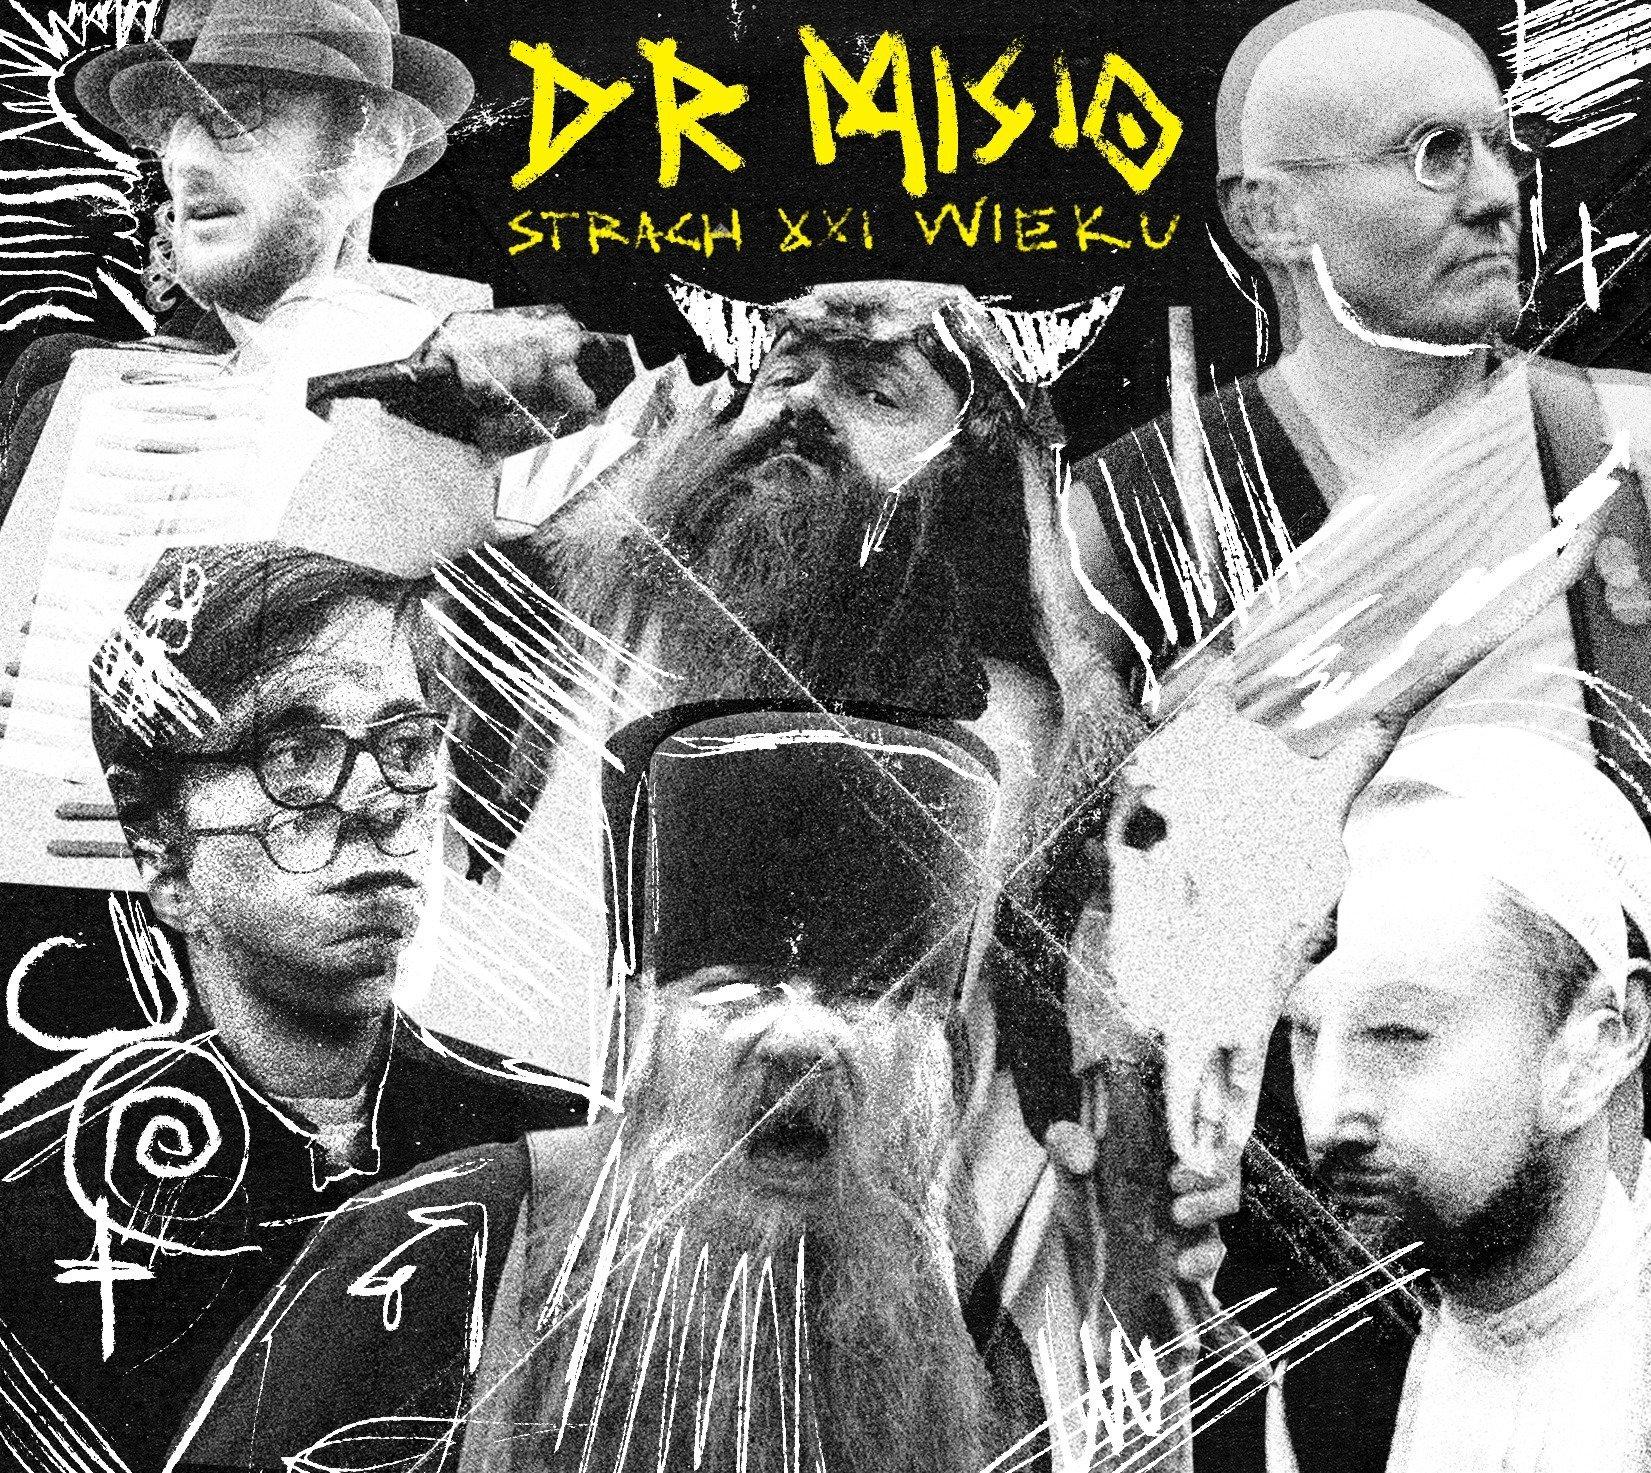 """DR MISIO """"Strach XXI wieku"""" – album dostępny w sklepach i serwisach cyfrowych"""